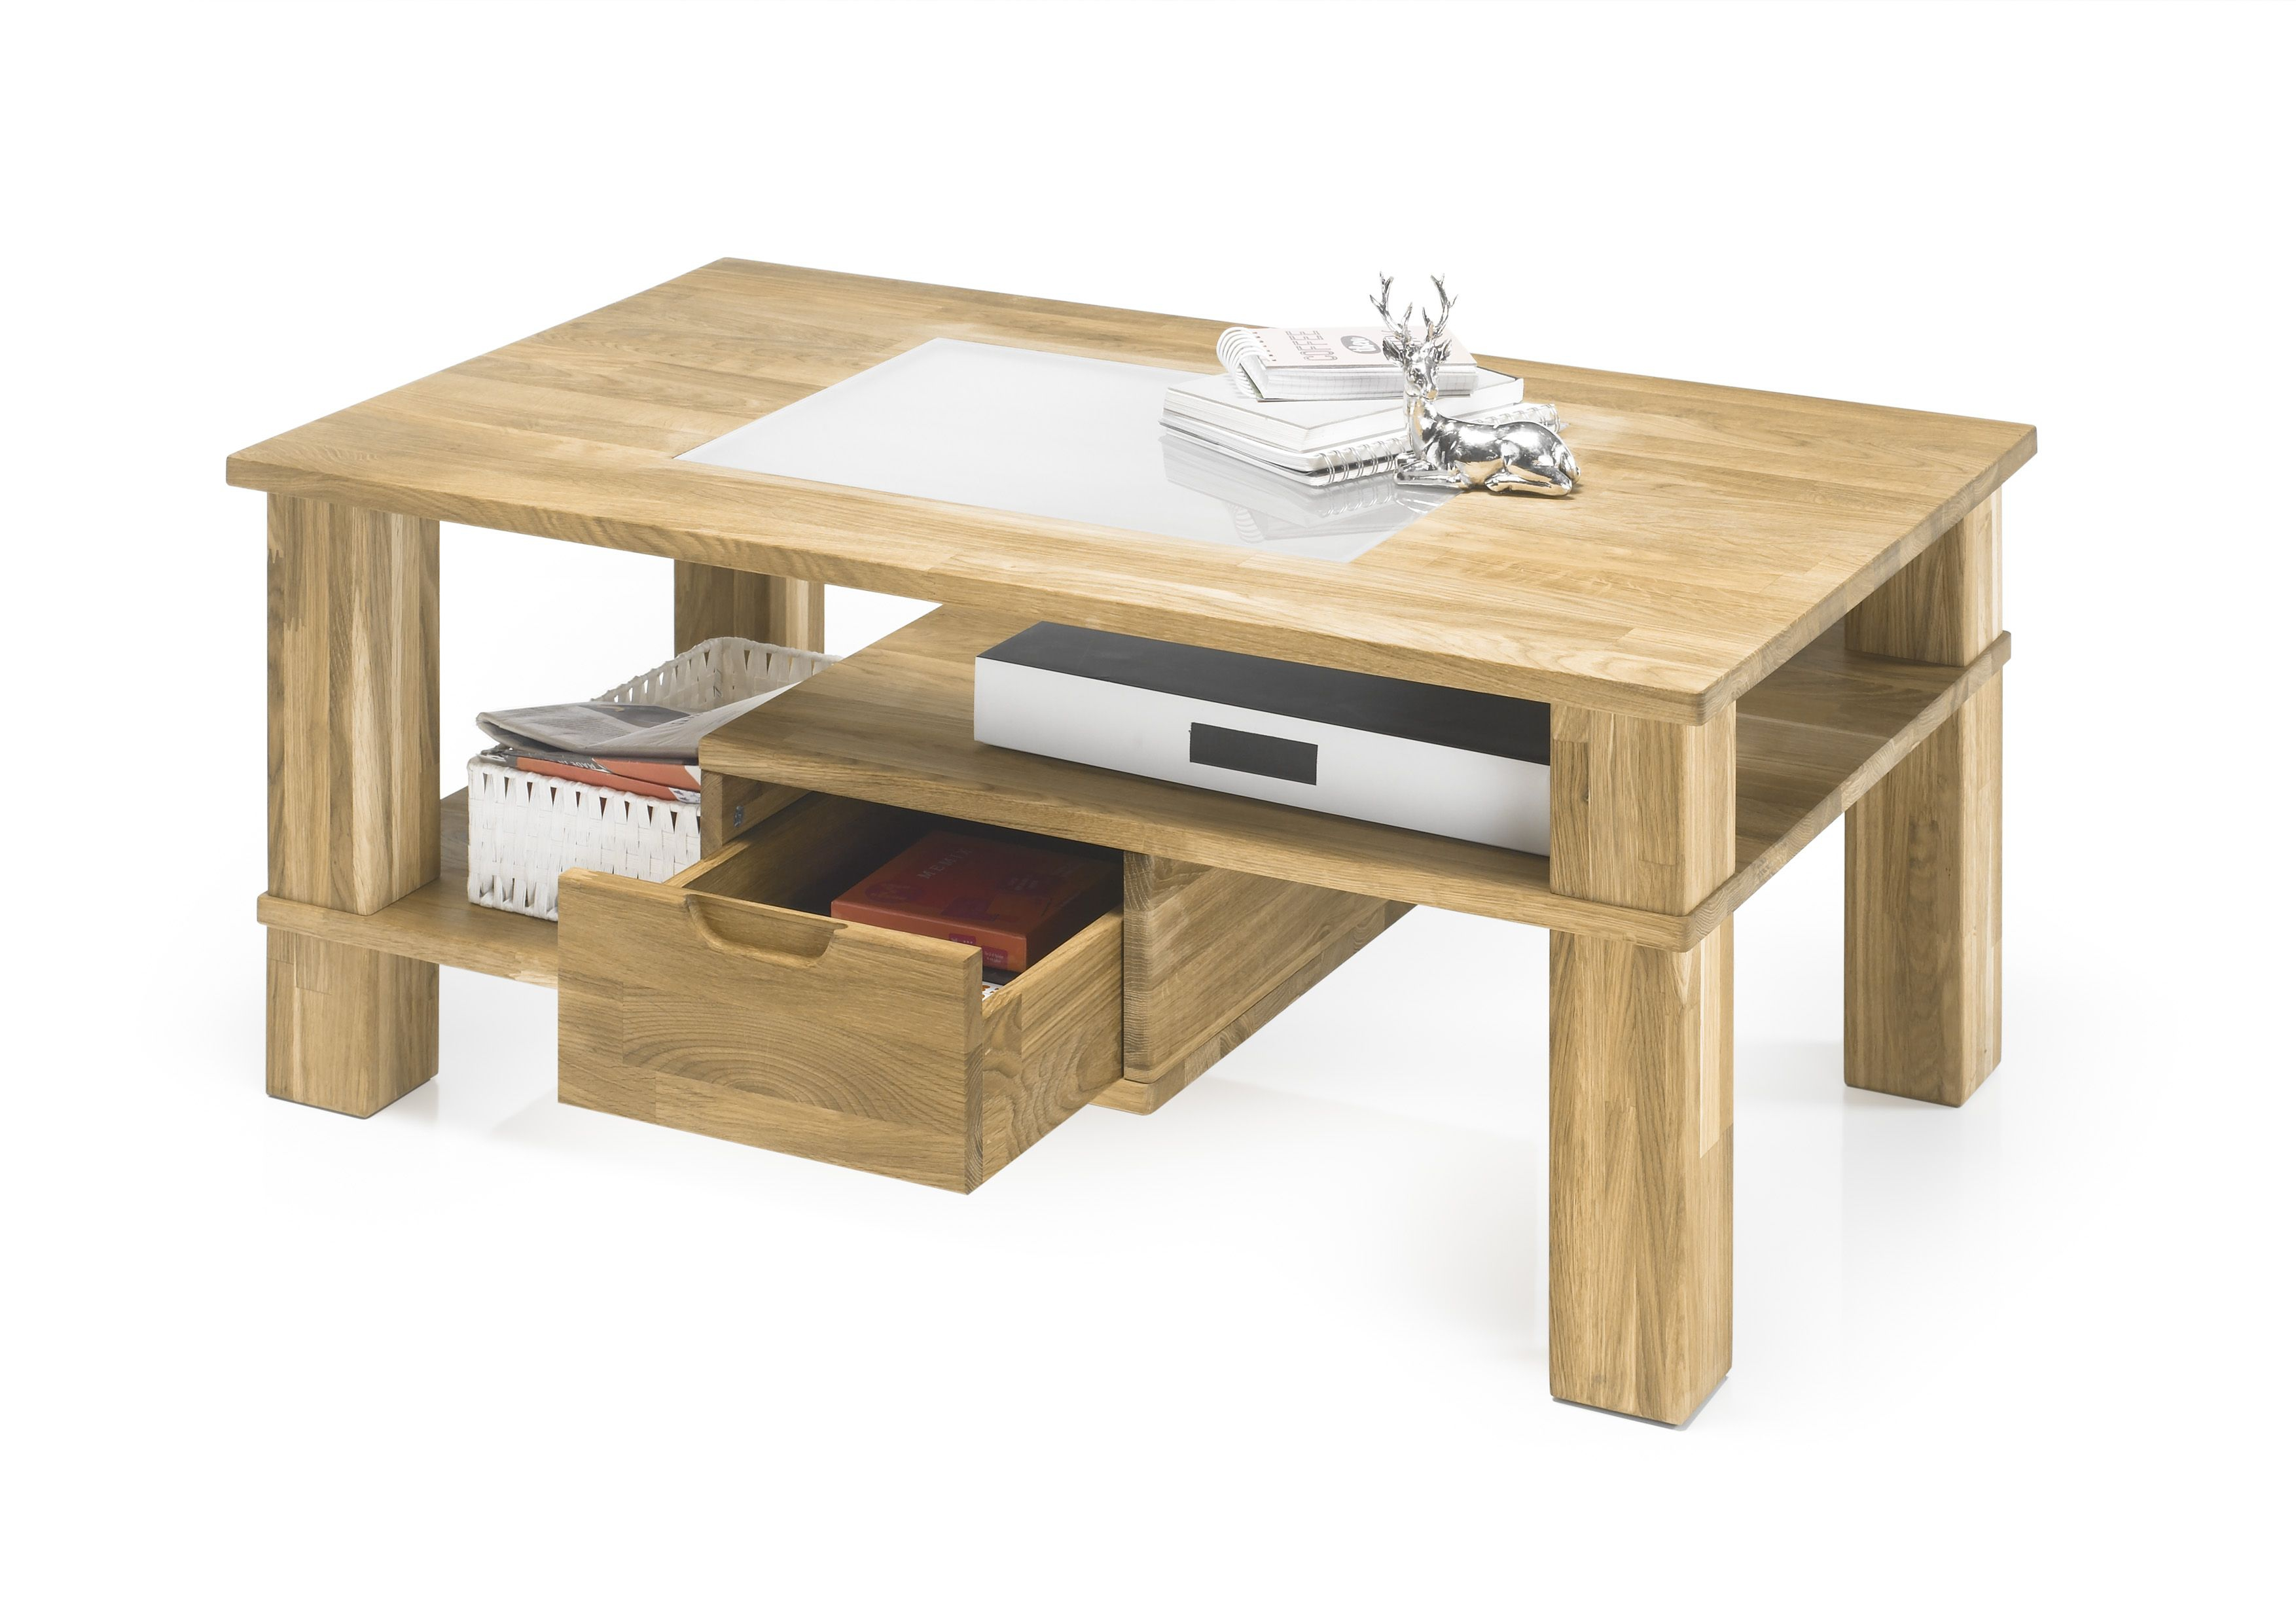 couchtisch hamilton beistelltisch wohnzimmertisch tisch eiche massiv ge lt ebay. Black Bedroom Furniture Sets. Home Design Ideas